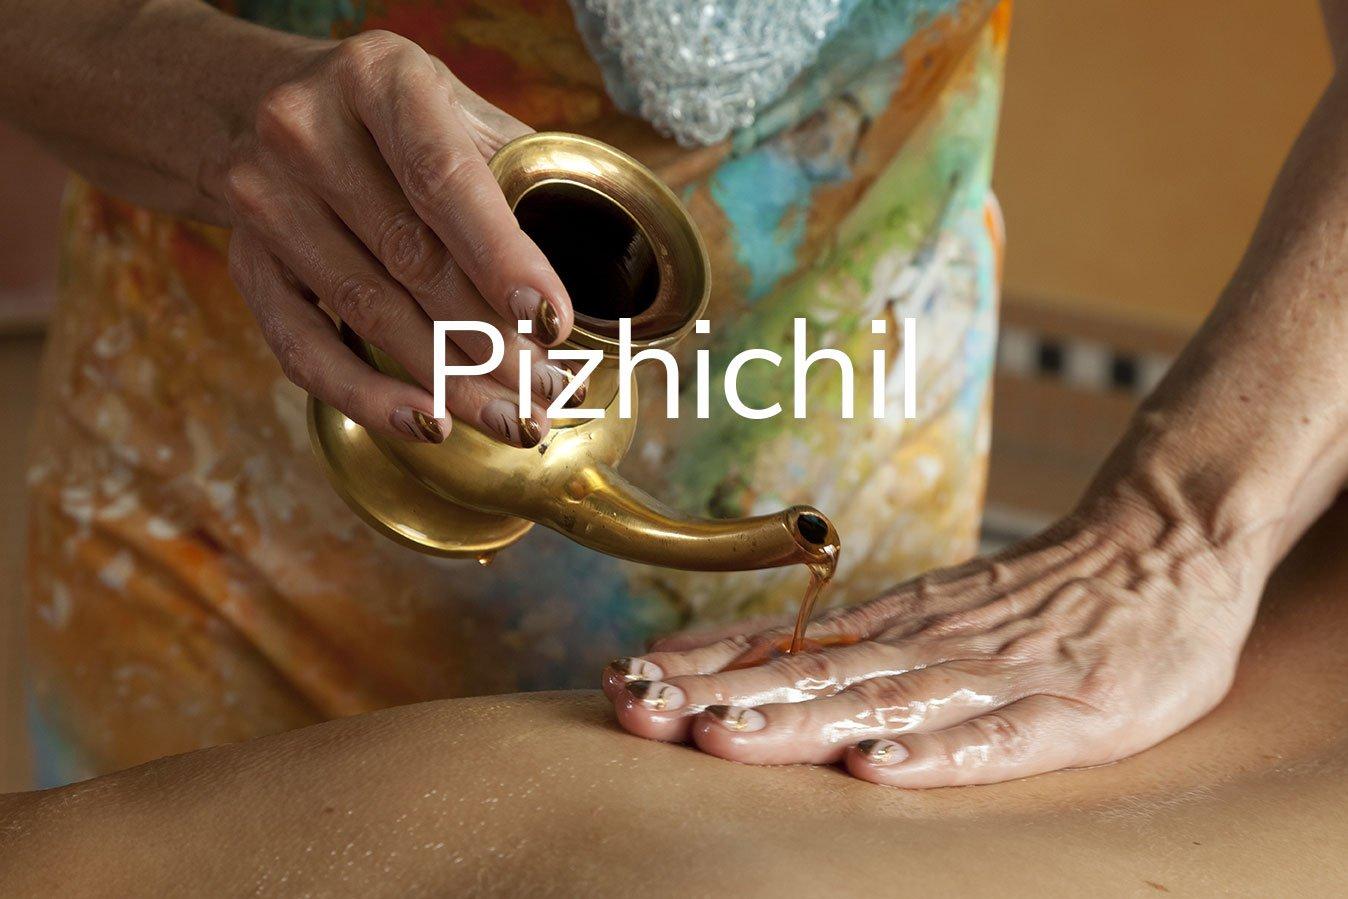 PIZHICHIL - ayurveda beaune